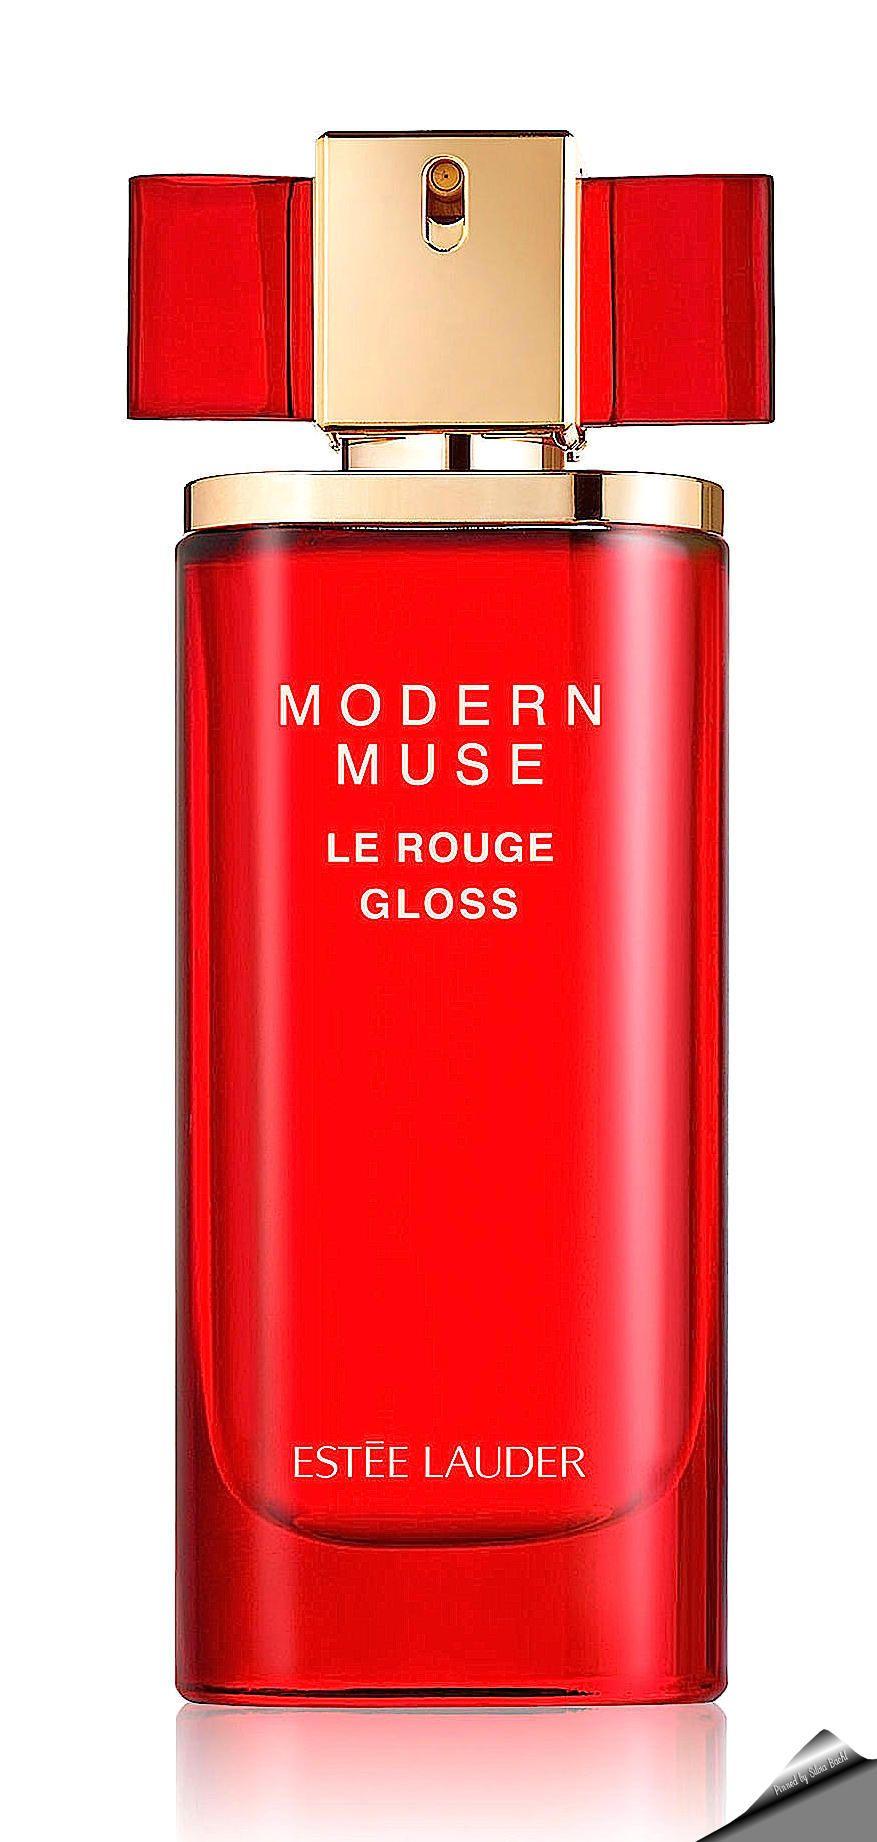 Estee Lauder Modern Muse Le Rouge Gloss Eau De Parfum Spray Modern Muse Le Rouge Gloss Estee Lauder Modern Muse Estee Lauder Perfume